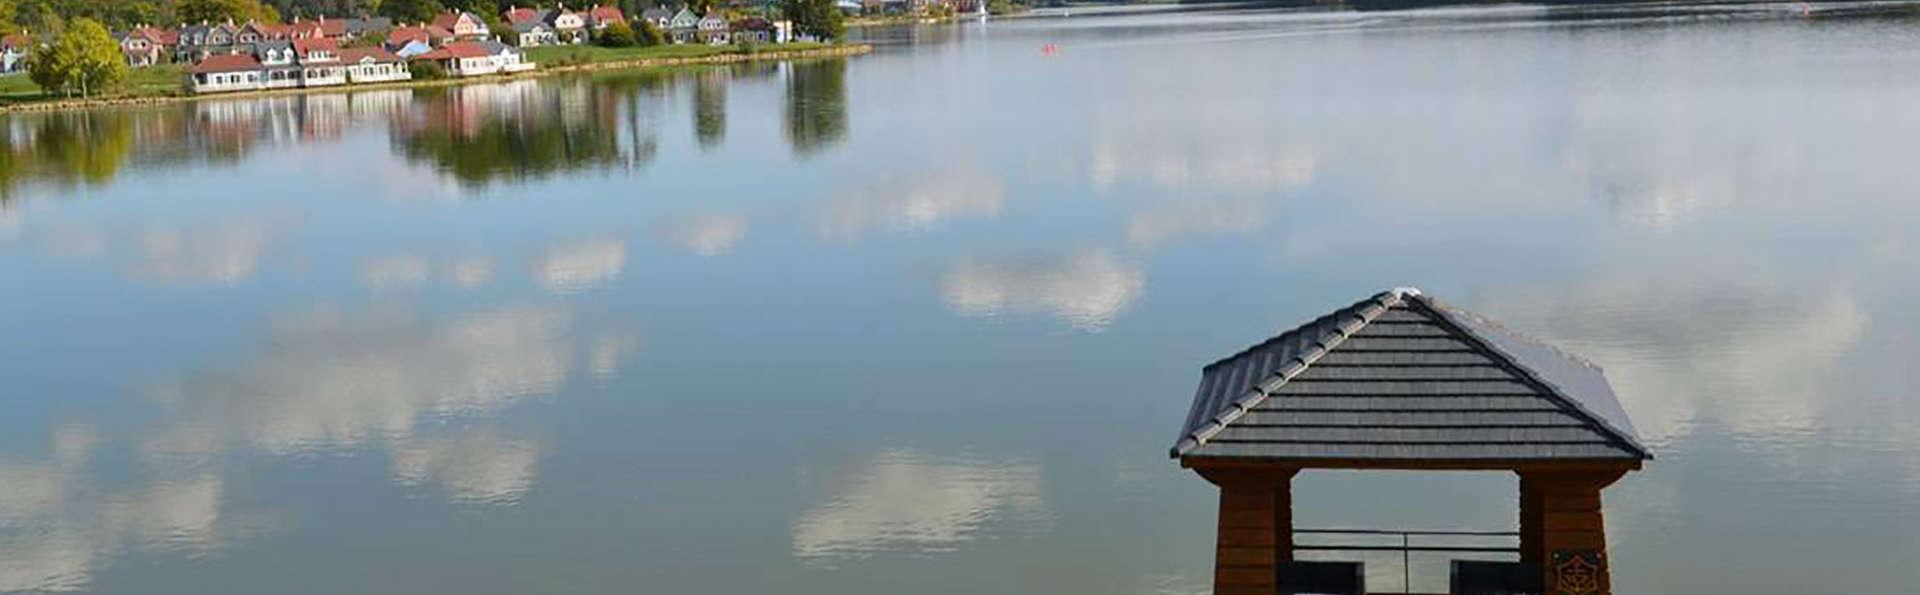 Dépaysement sur les bords du lac de l'Ailette près de Reims